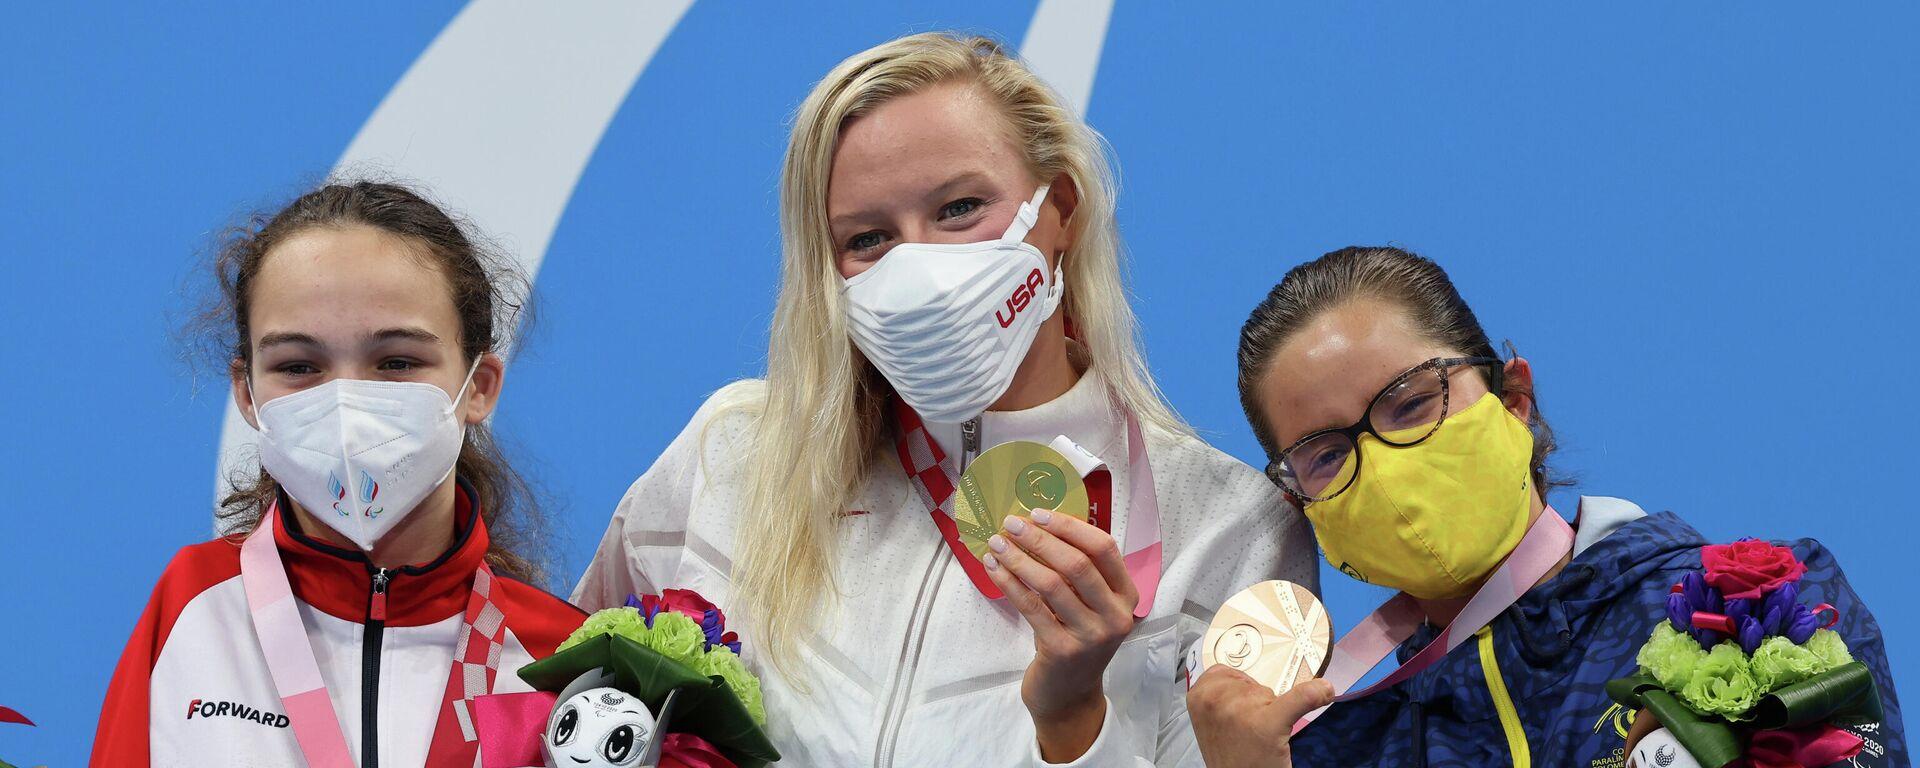 La medallista de oro Jessica Long, de Estados Unidos, celebra su victoria en el podio junto a la medallista de plata, Viktoriia Ishchiulova, del Comité  Paralímpico de Rusia, y la medallista de bronce Laura Carolina González Rodríguez, de Colombia  - Sputnik Mundo, 1920, 03.09.2021